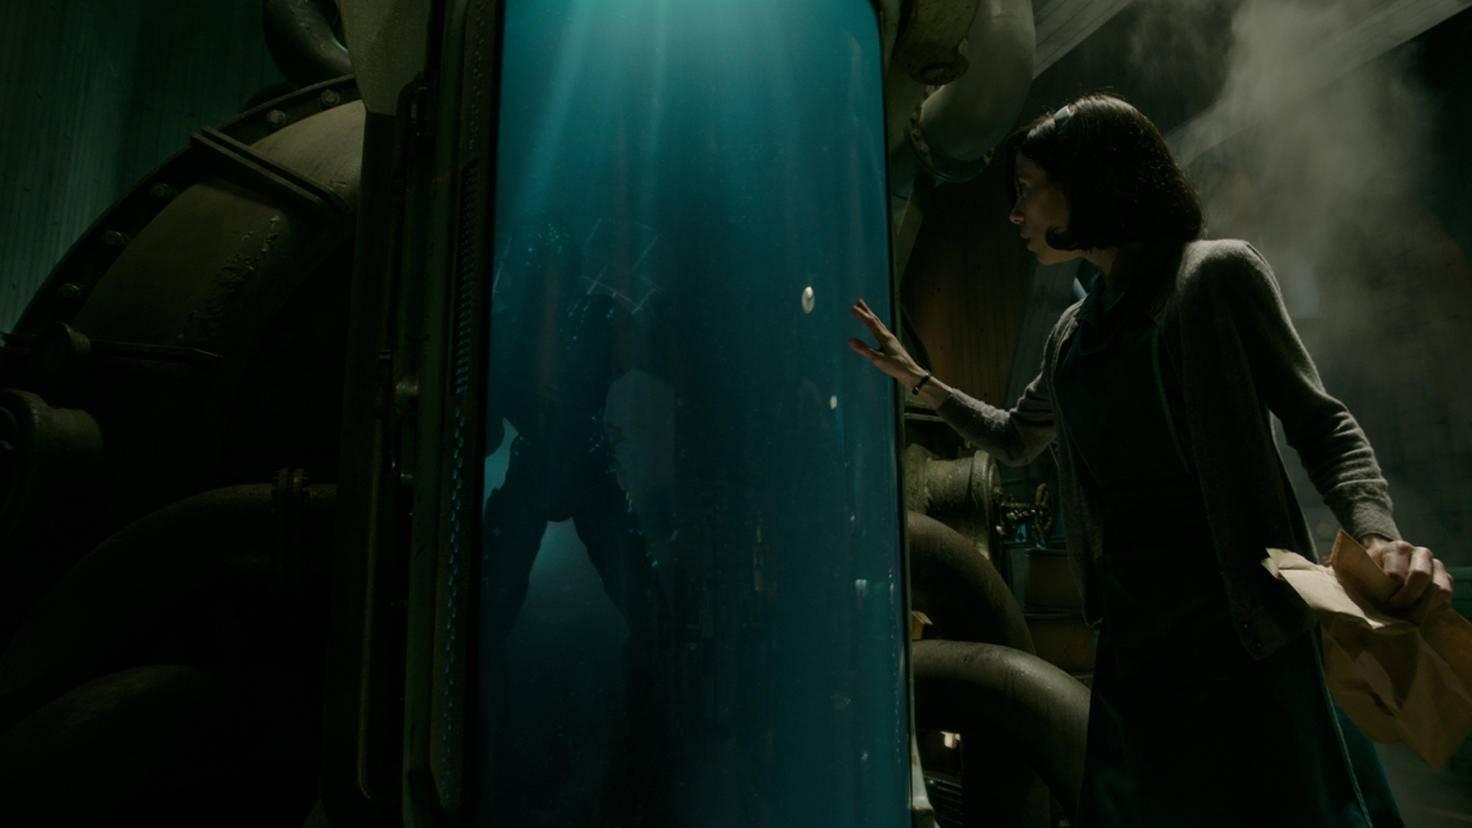 Dort trifft Elisa eines Tages auf ein geheimnisvolles Wassergeschöpf.